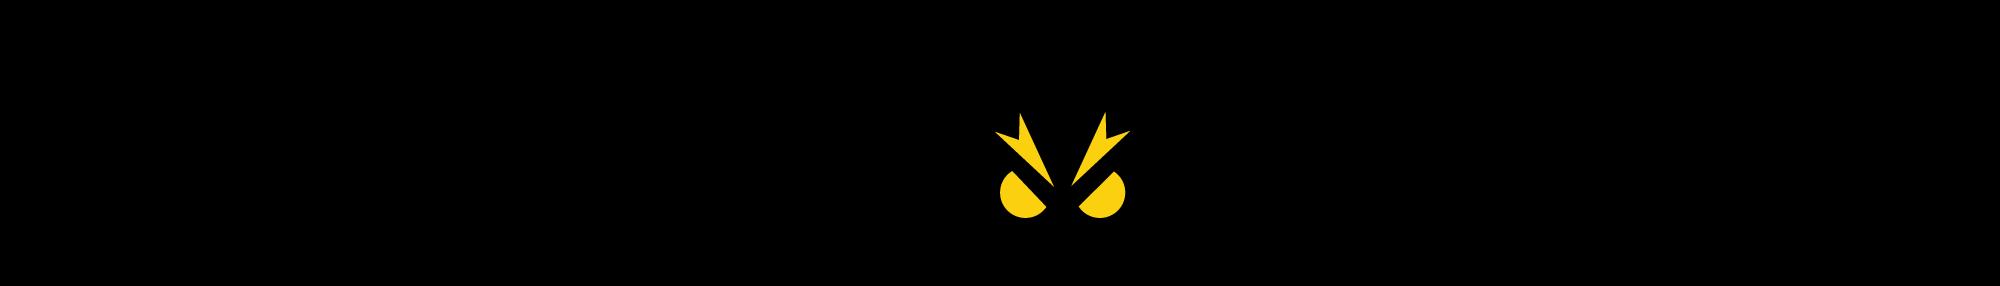 monster-market-2018-logo-trans.png